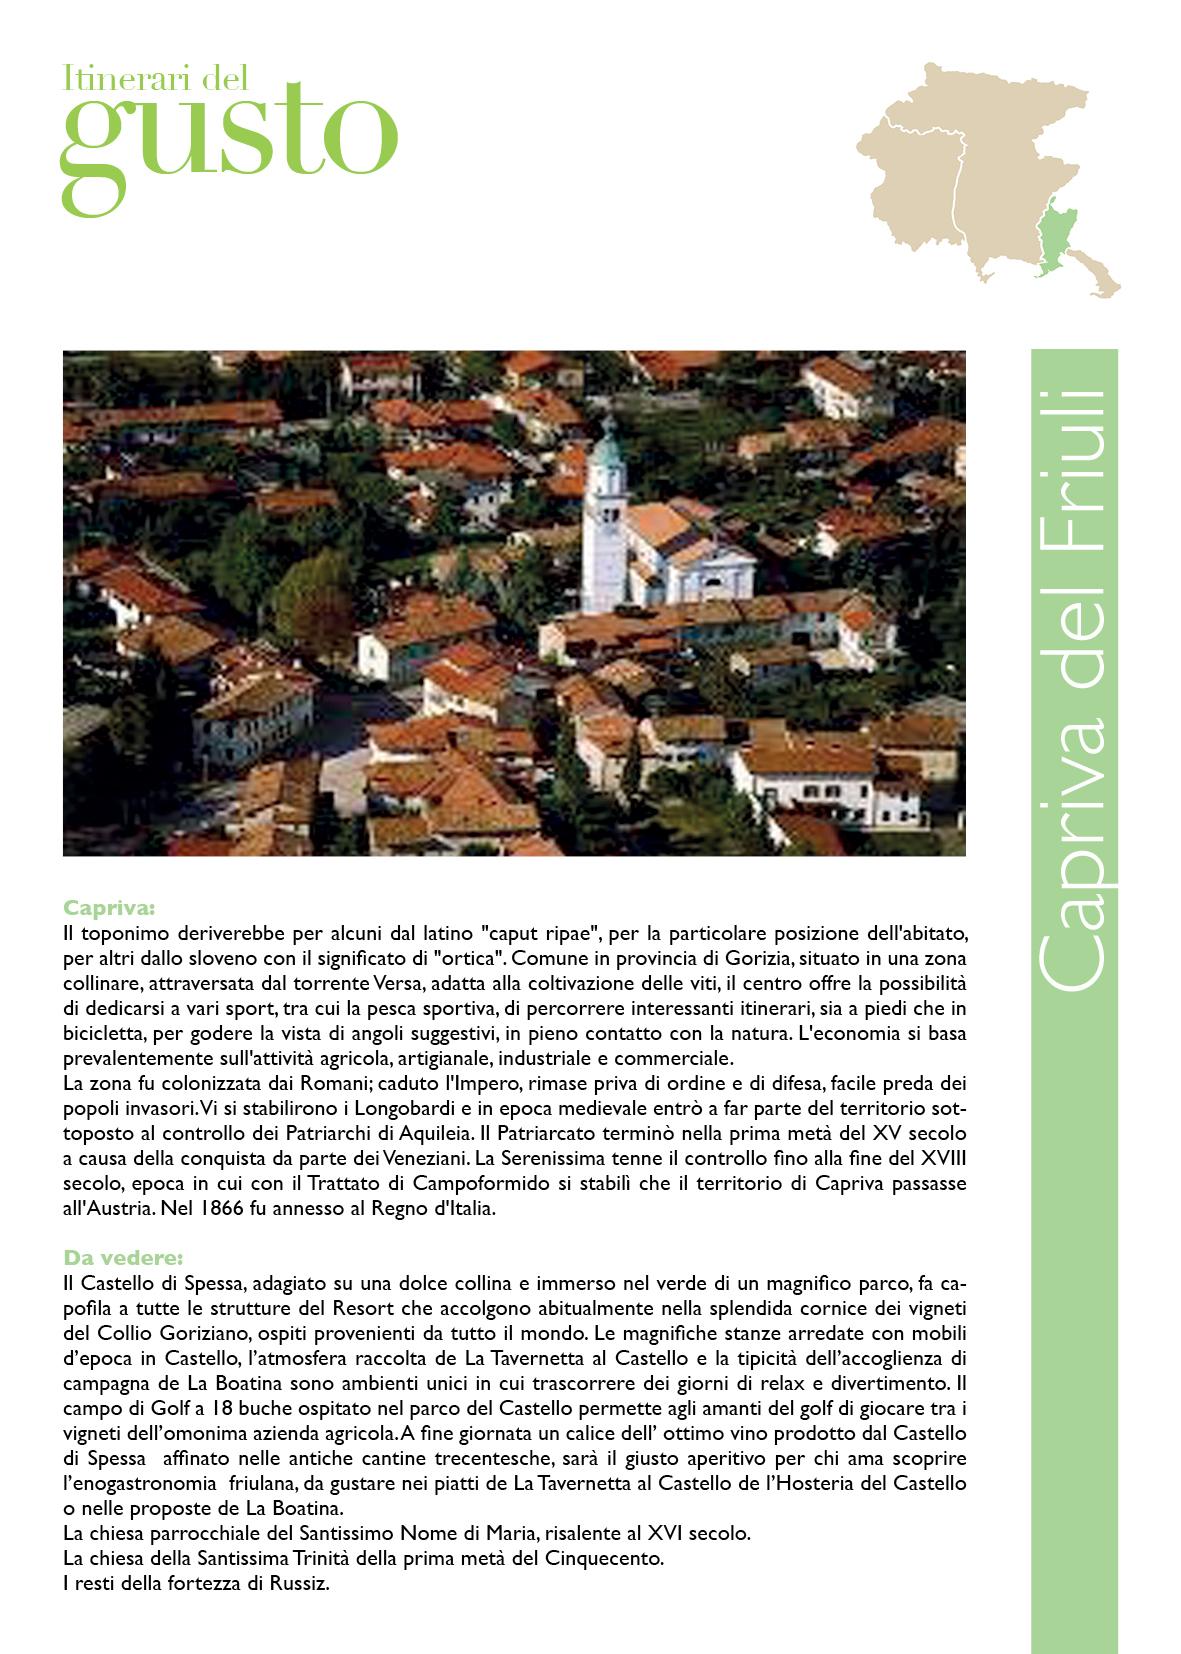 ITINERARI DEL GUSTO 2018-19 pagine singole76